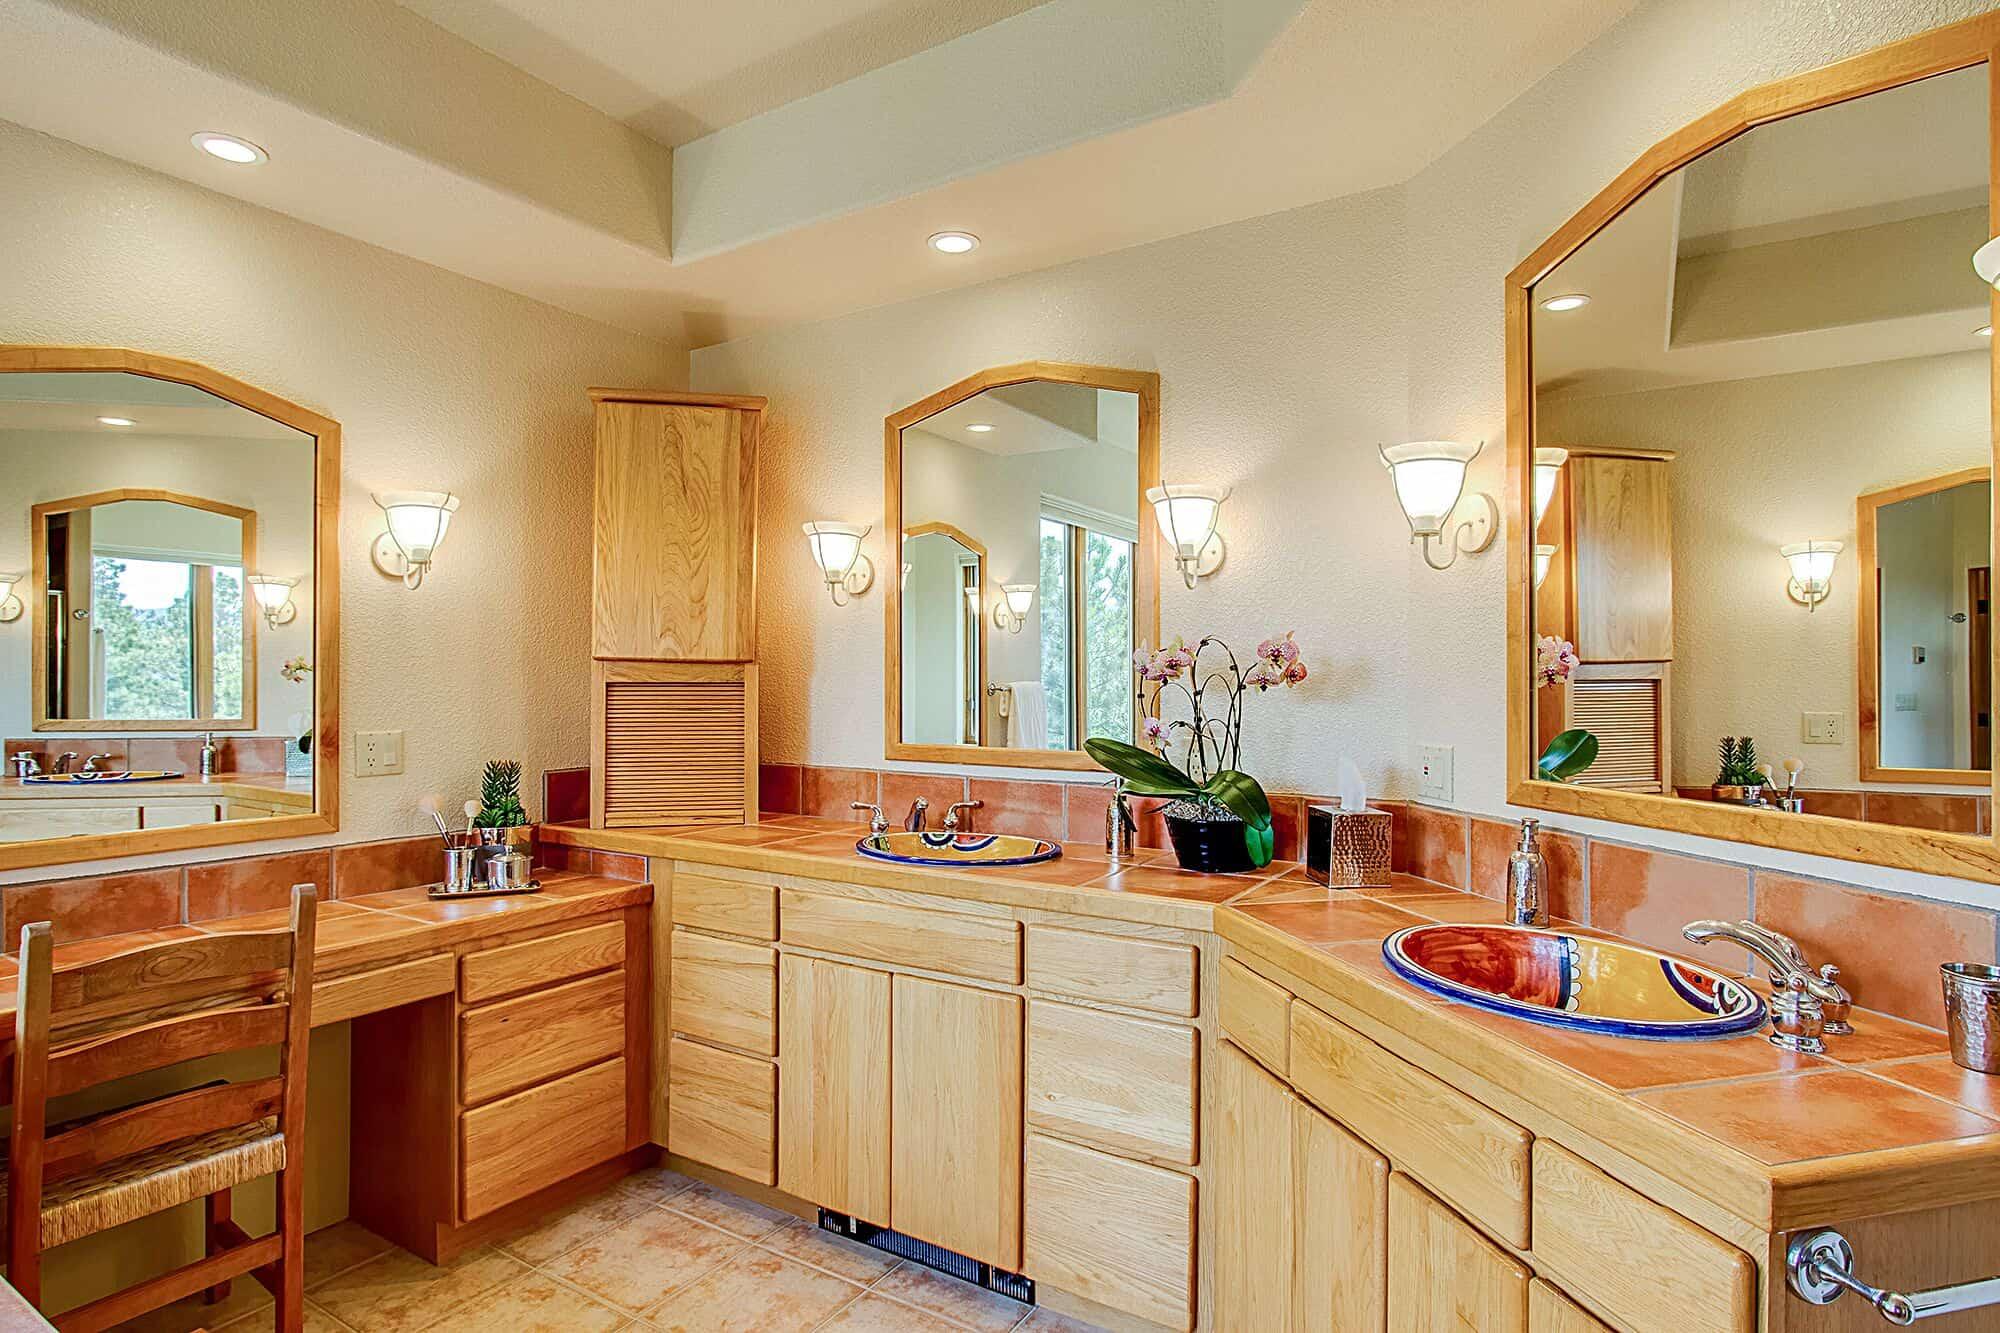 Master Bathroom with Dual Sink Vanity